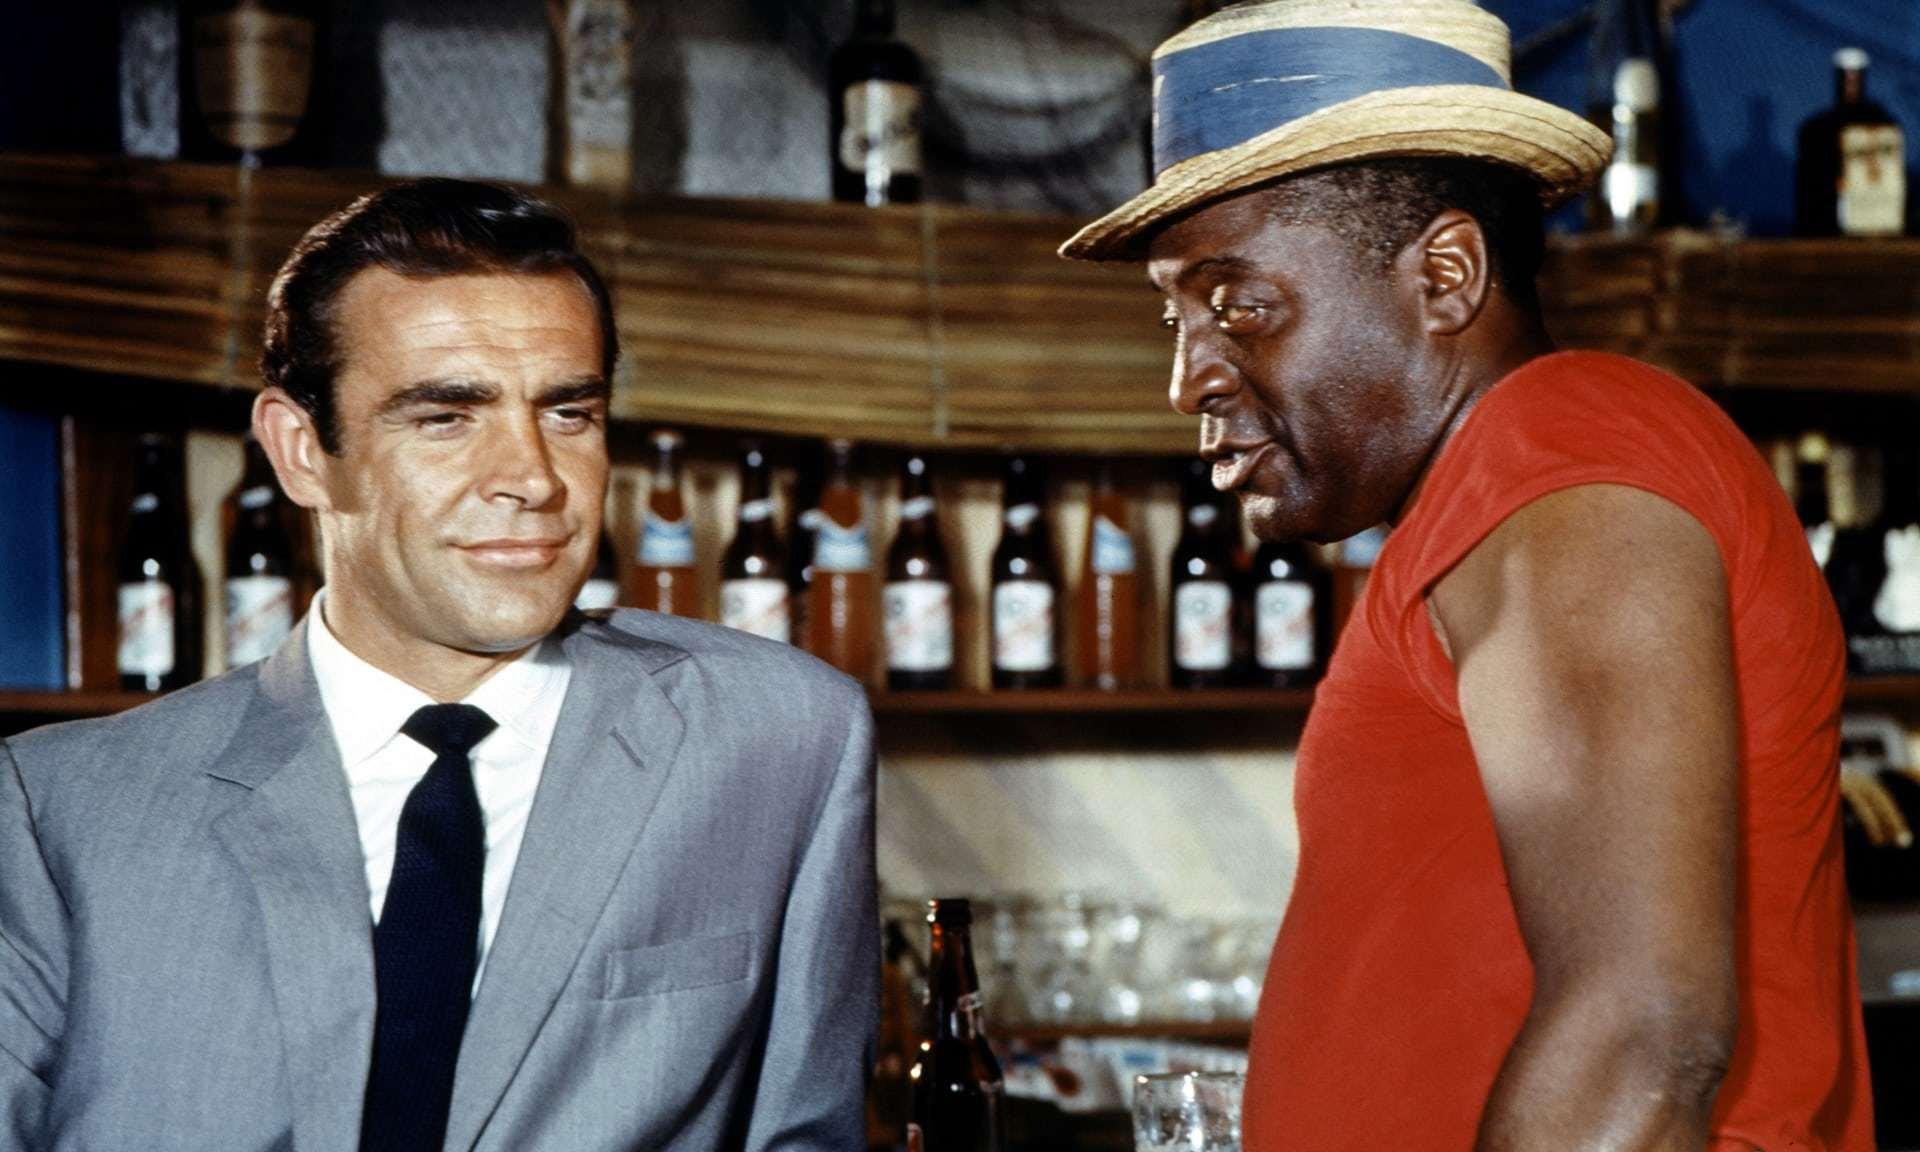 El museo de James Bond en Solden no ofenderá a mujeres ni será racista